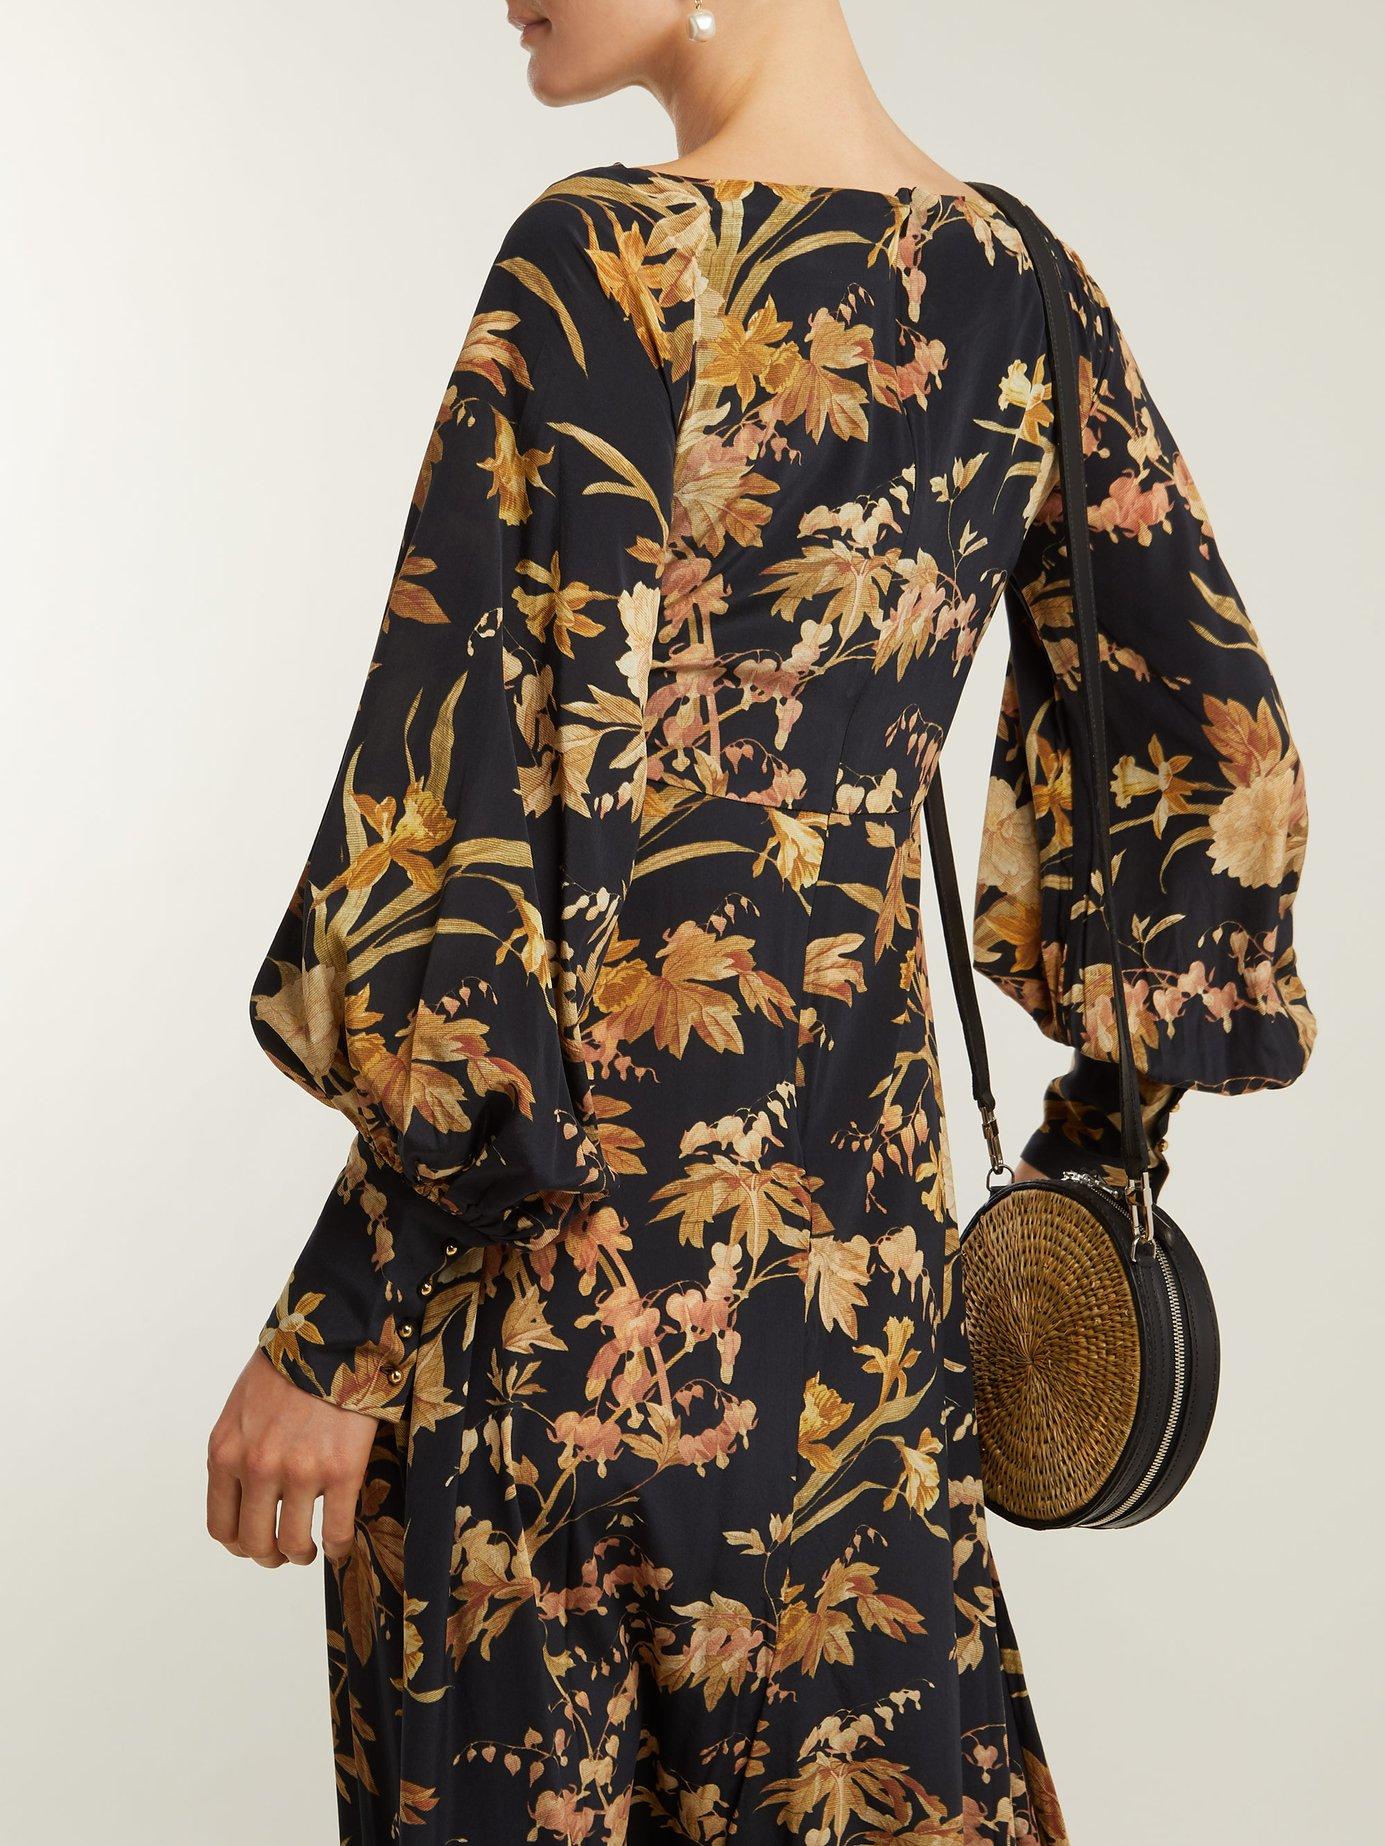 Basque floral-print silk-blend dress by Zimmermann